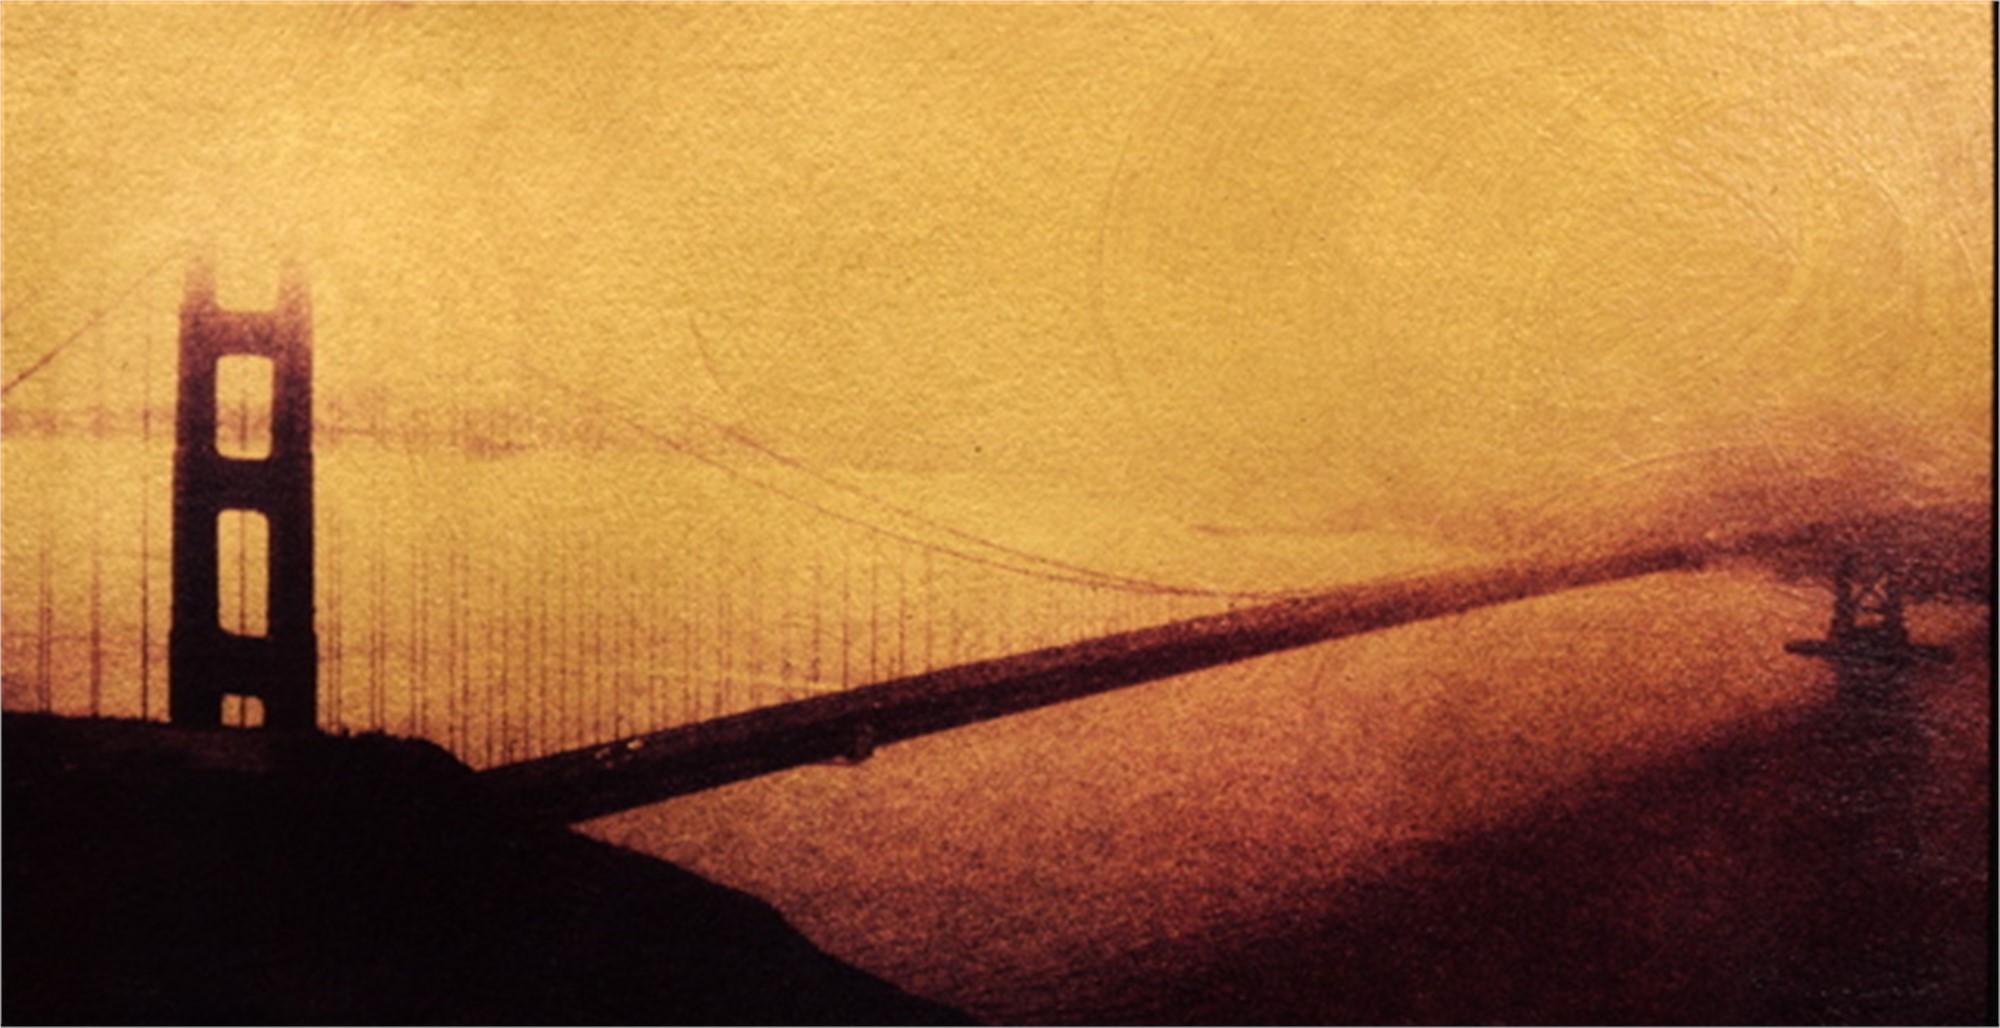 GG Bridge Study #2 by Patty Mulligan